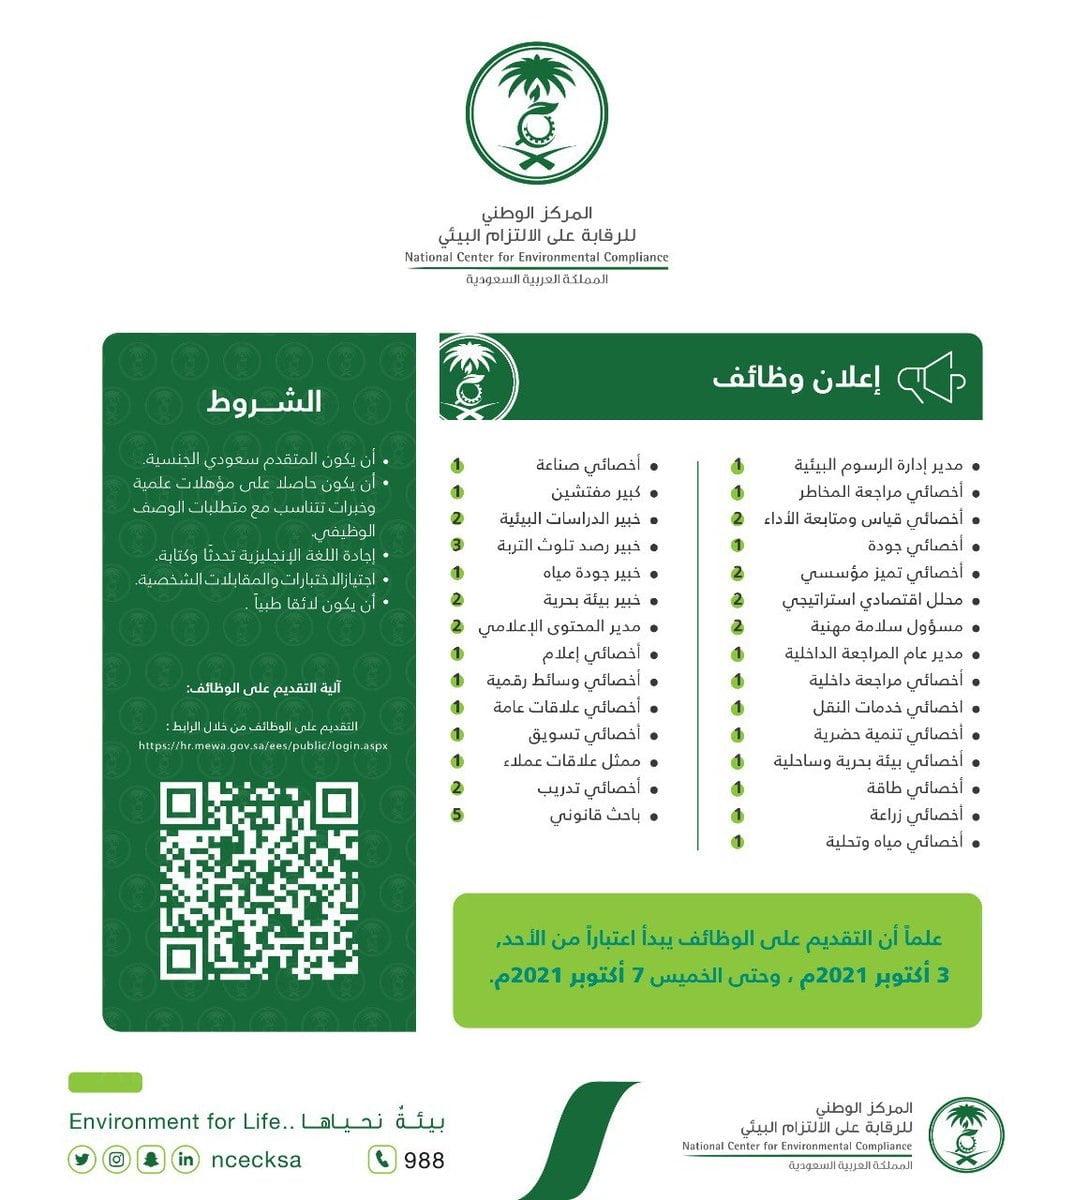 29 وظيفة شاغرة بمختلف المؤهلات والتخصصات لدى المركز الوطني للرقابة على الالتزام البيئي 3